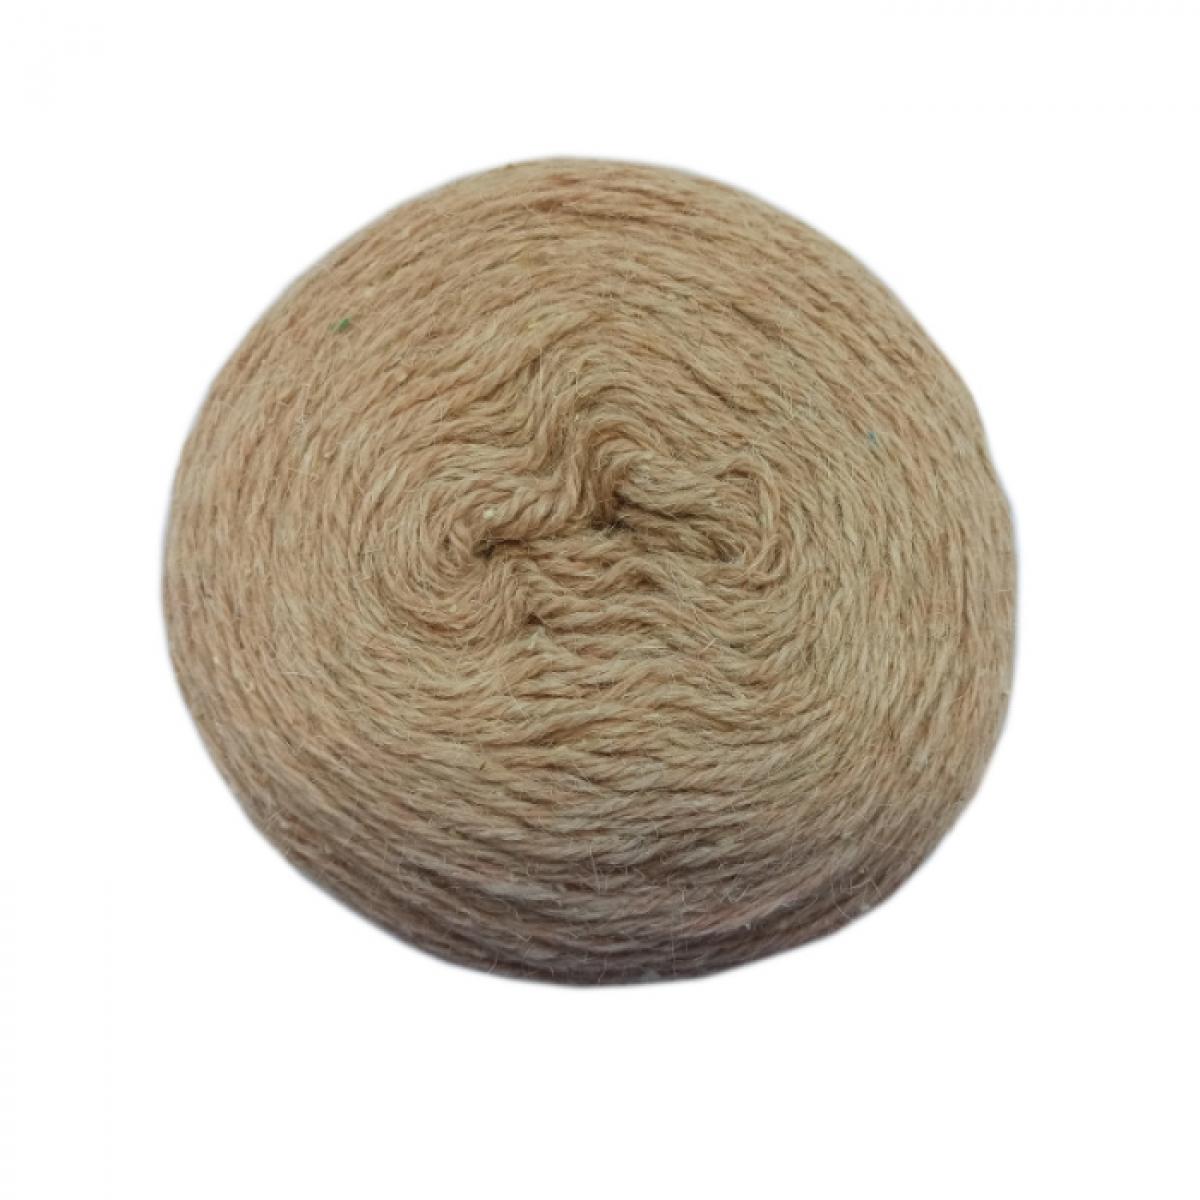 Linen yarn 20/1 orange